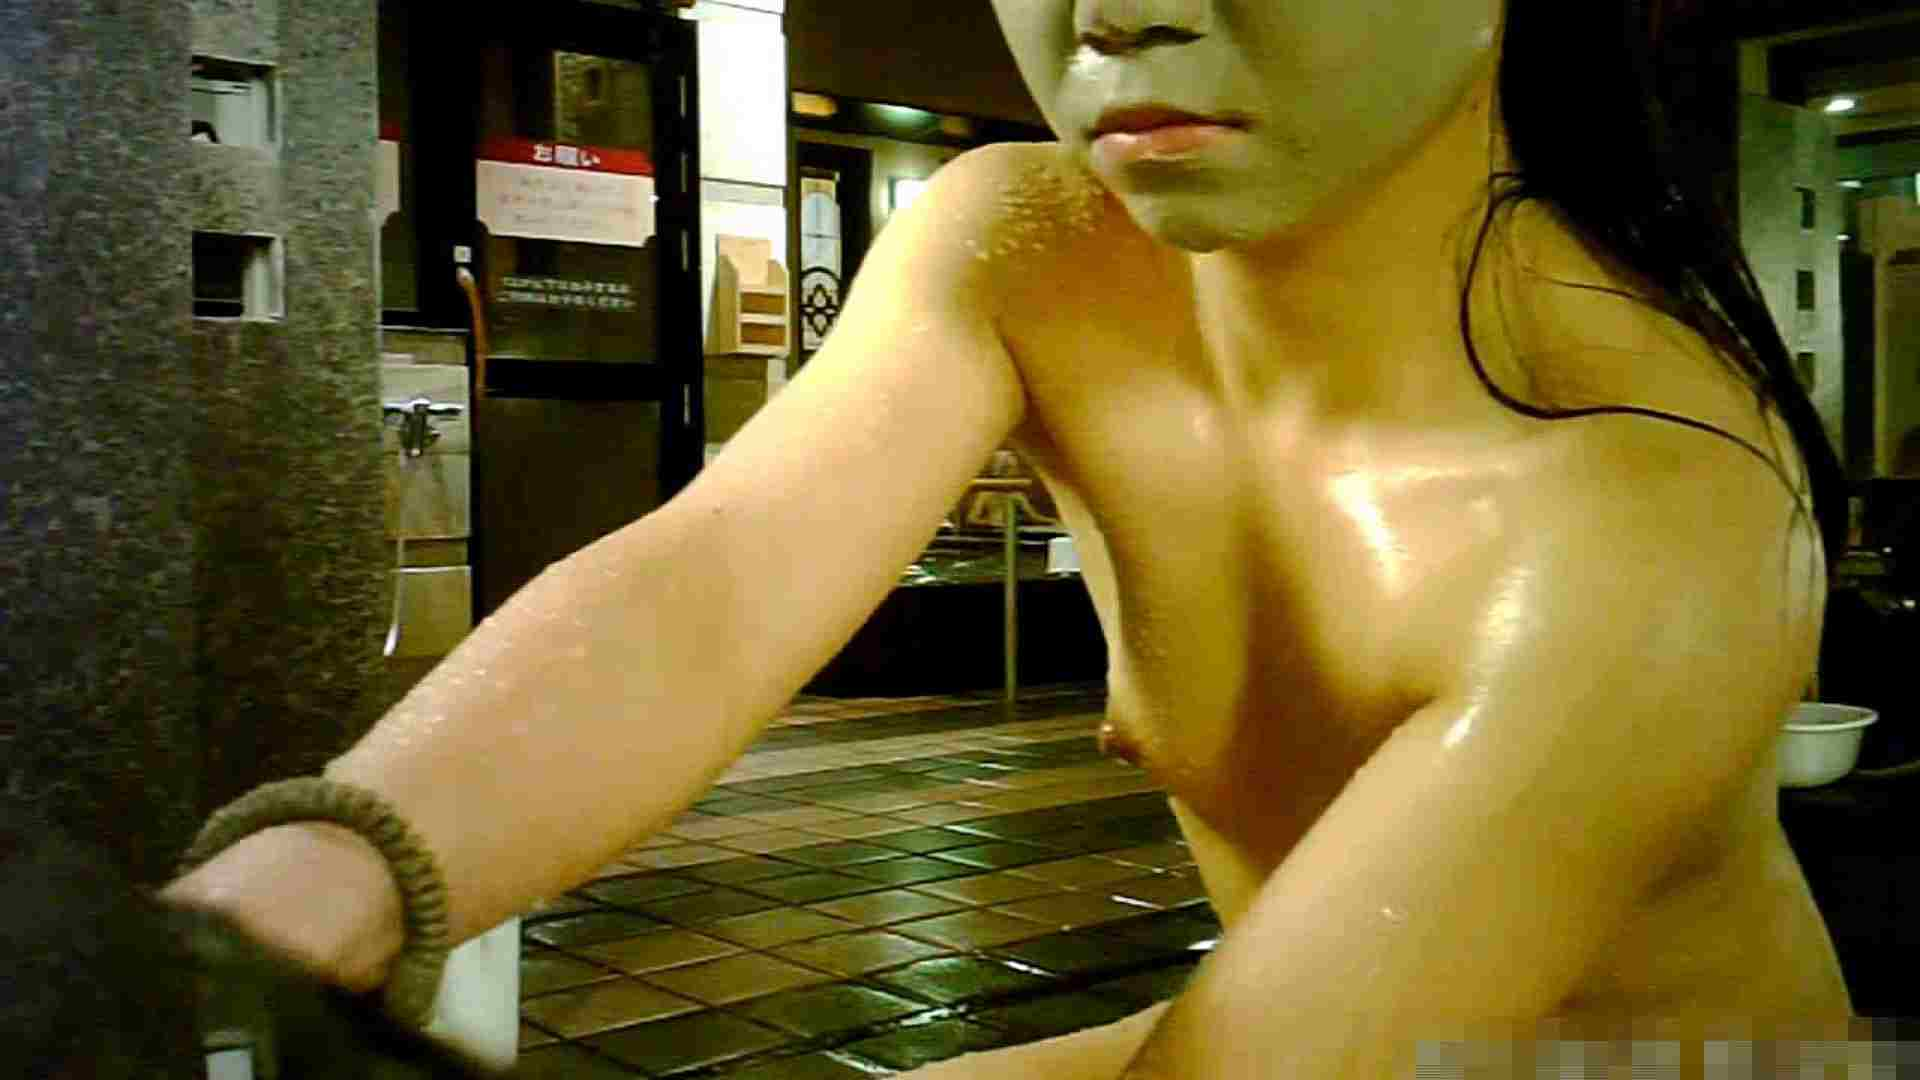 手を染めてしまった女性盗撮師の女風呂潜入記 vol.005 高画質モード エロ画像 62画像 54